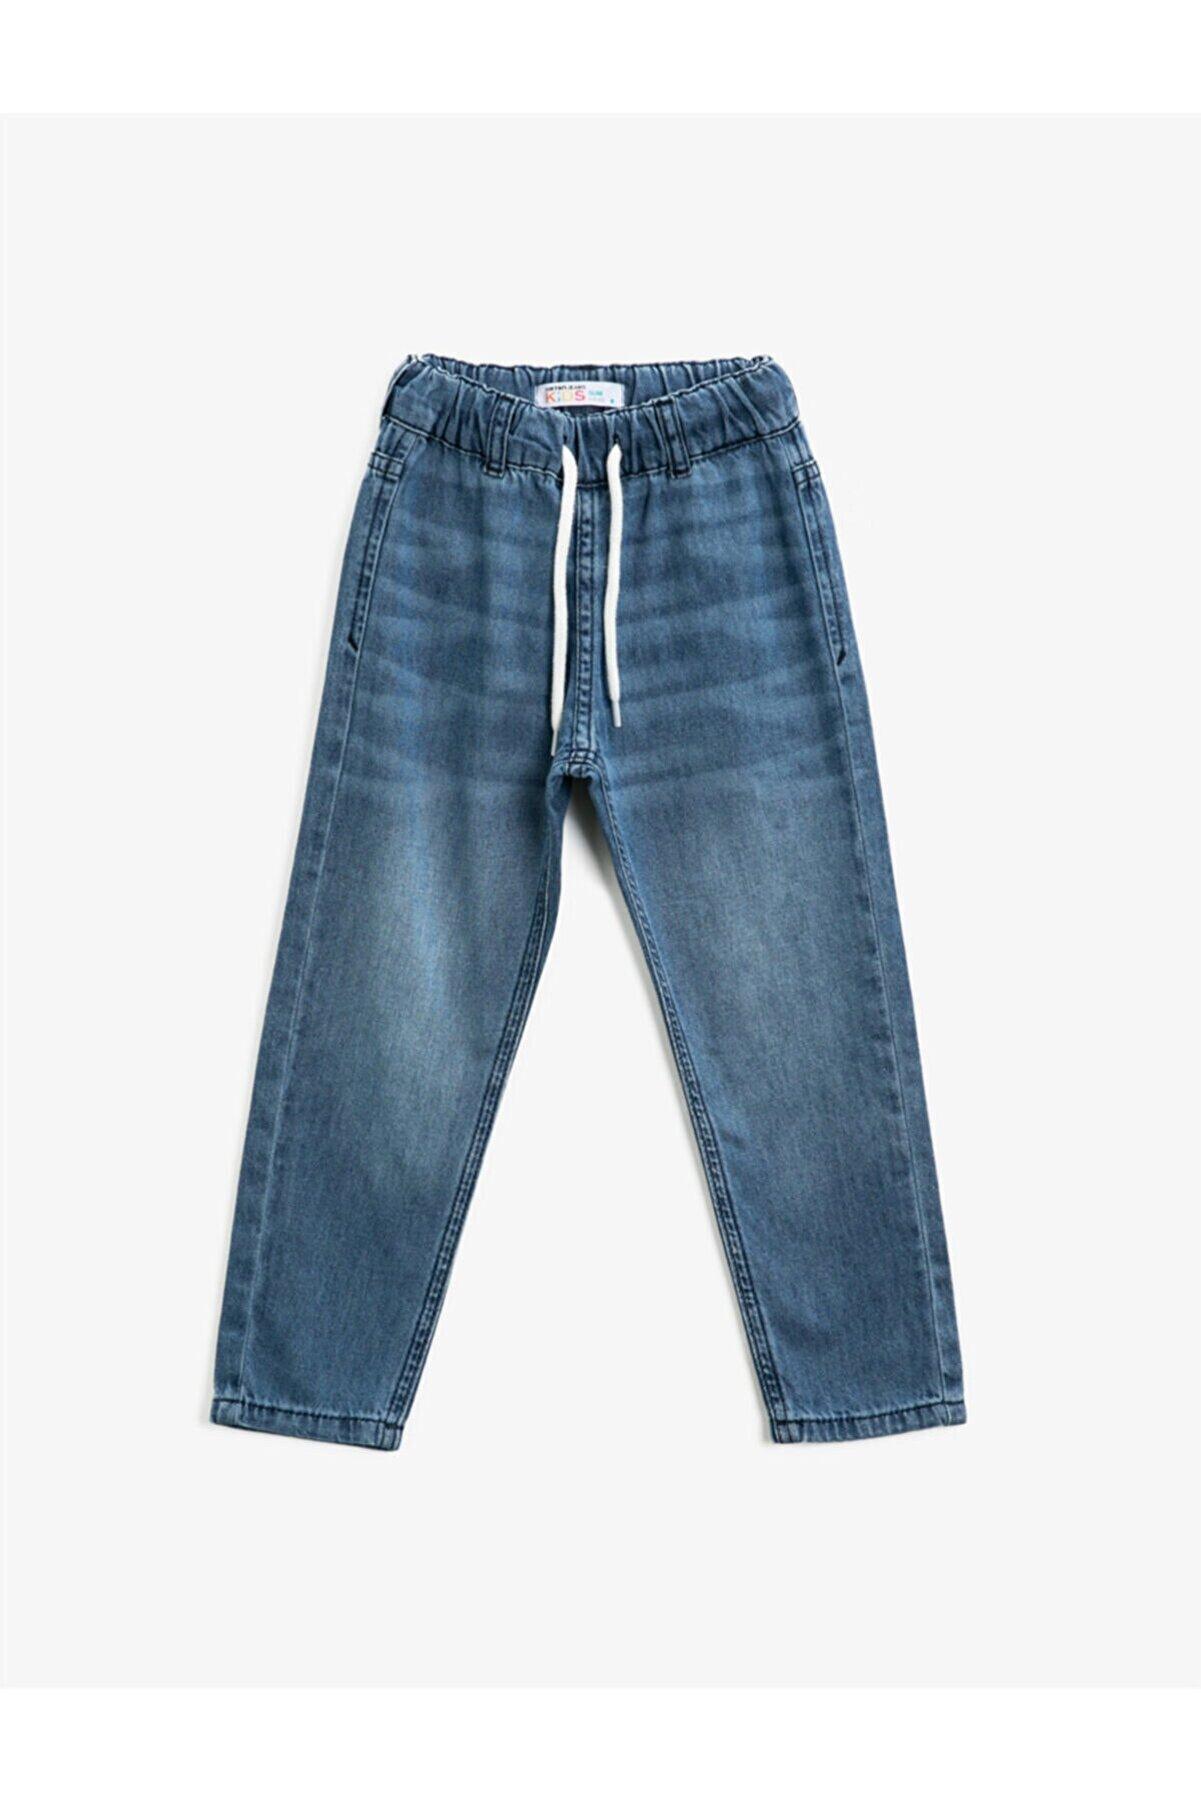 Koton Erkek Çocuk Mavi Beli Bağlamalı Pamuklu Jean